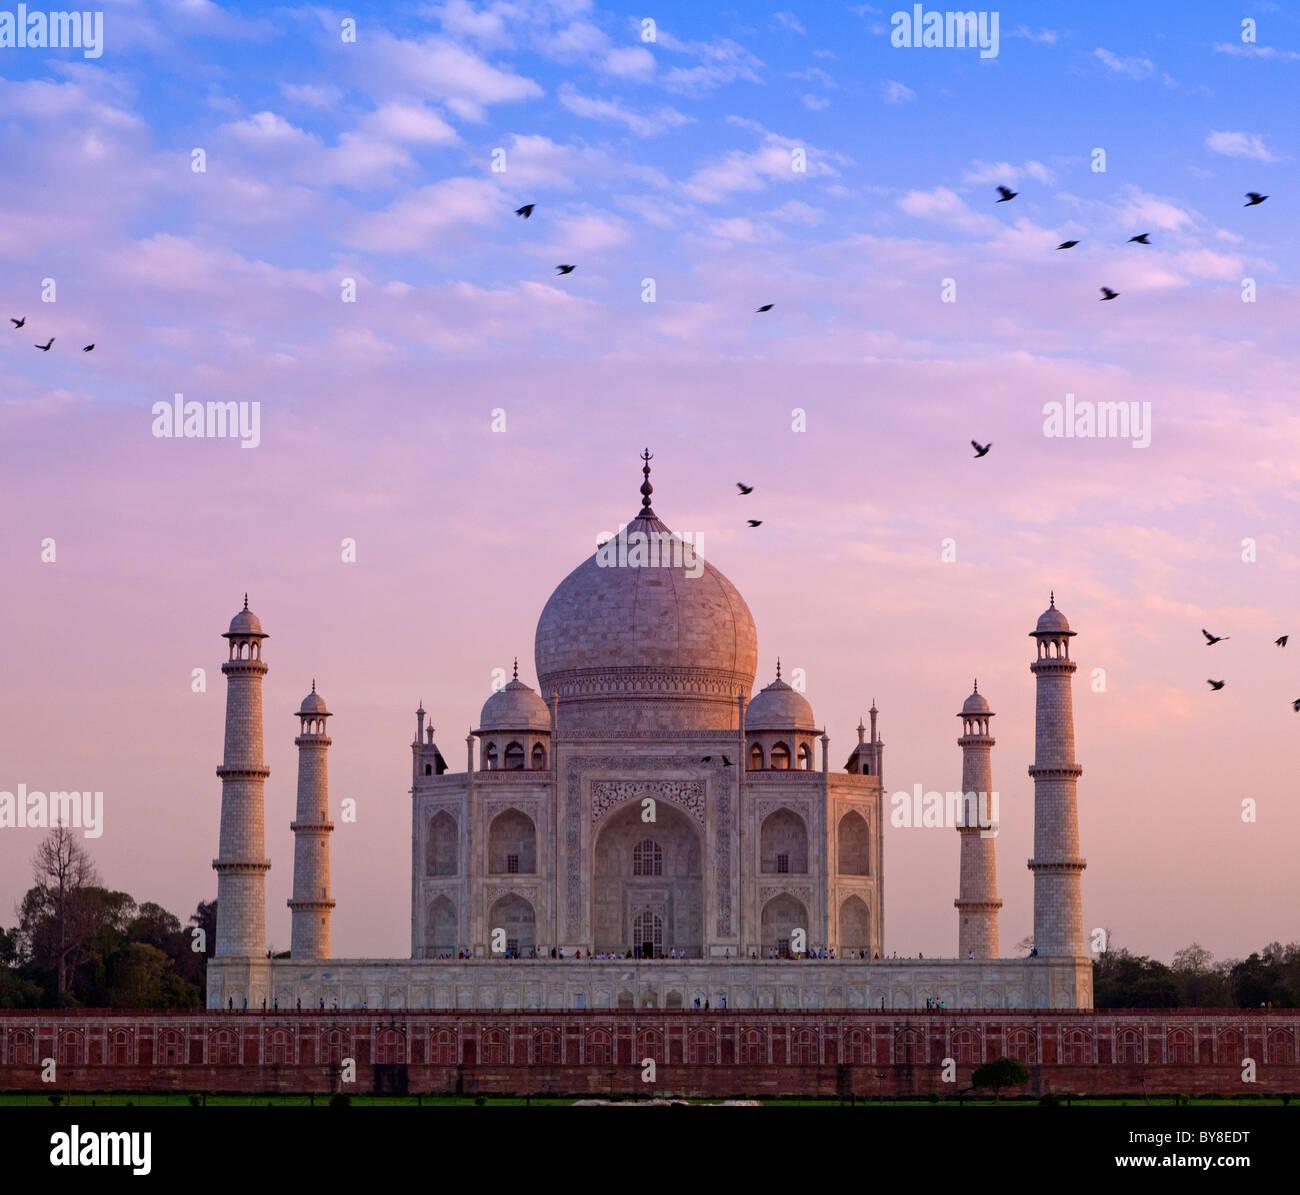 La India, Uttar Pradesh, Agra, los pájaros que vuelan cerca de Taj Mahal en la noche la luz Imagen De Stock